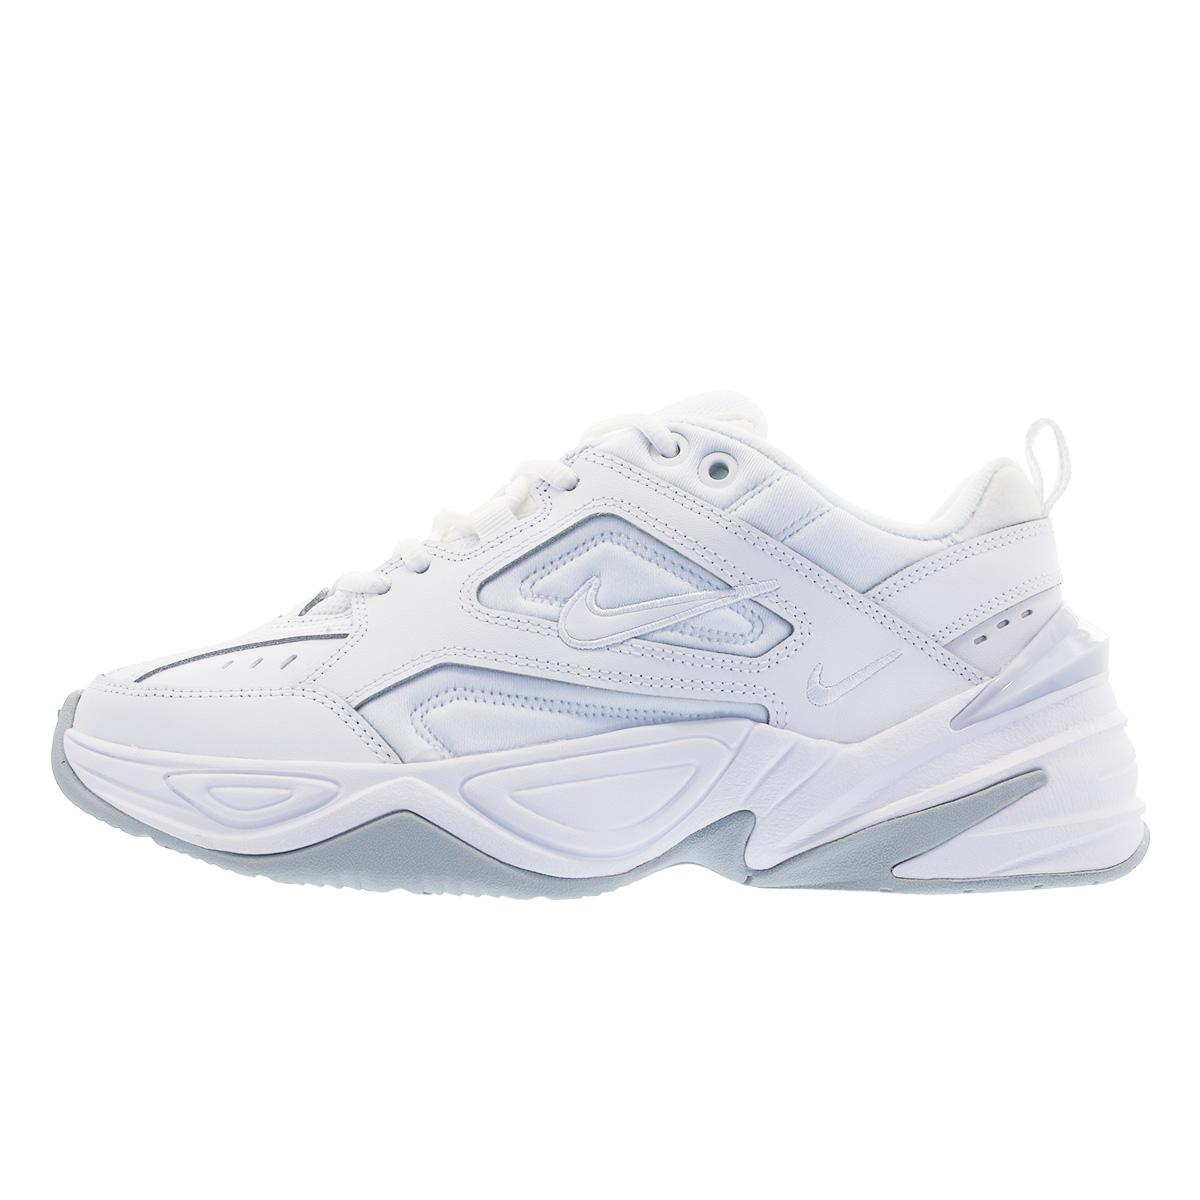 b337335209d6 NIKE WMNS M2K TEKNO Nike women M2K techno WHITE WHITE PURE PLATINUM ao3108 -100